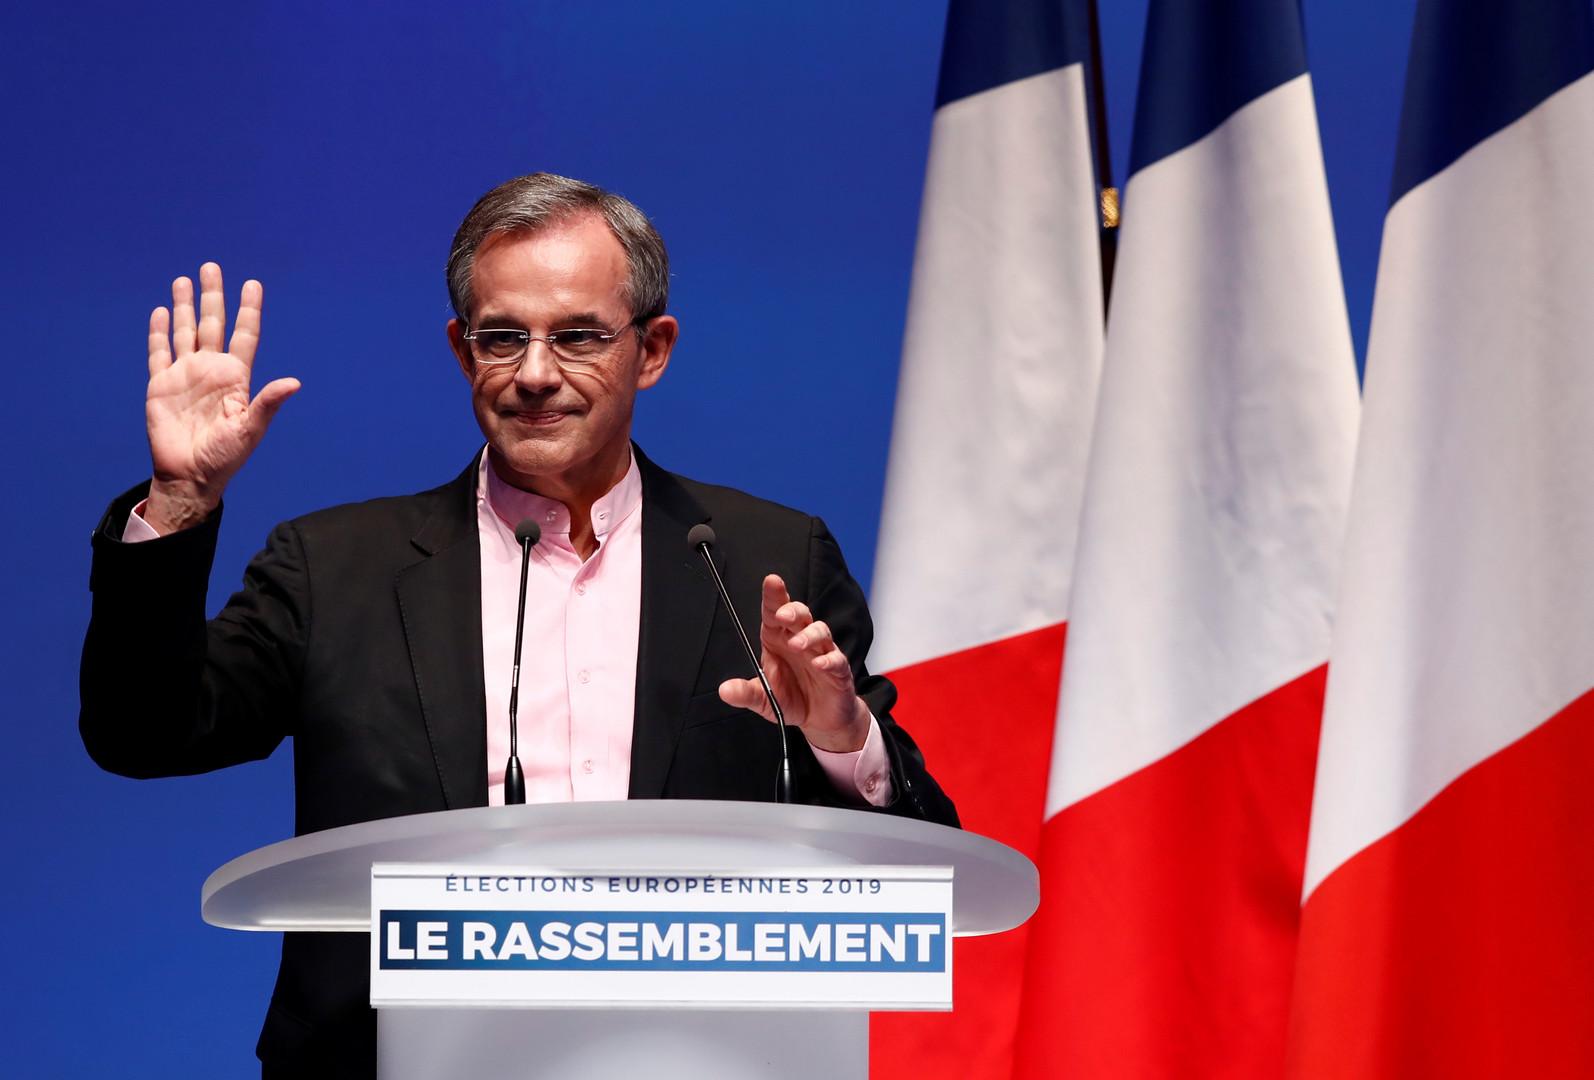 نائب فرنسي في البرلمان الأوروبي يبدأ زيارة إلى سوريا برفقة وفد